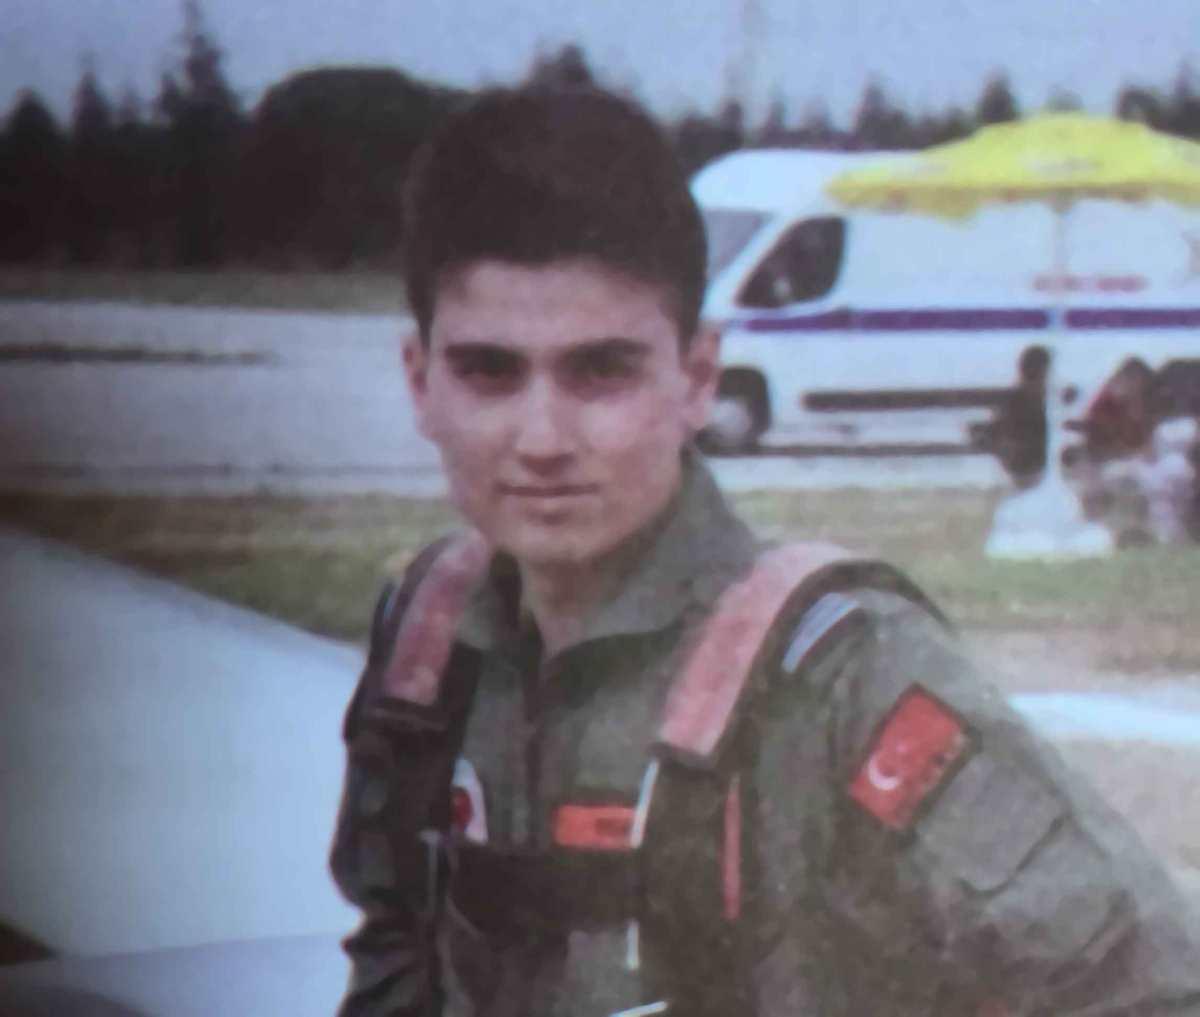 Boğaz Köprüsü'nde öldürülen askeri öğrencinin kısa yaşamı  kitap oldu